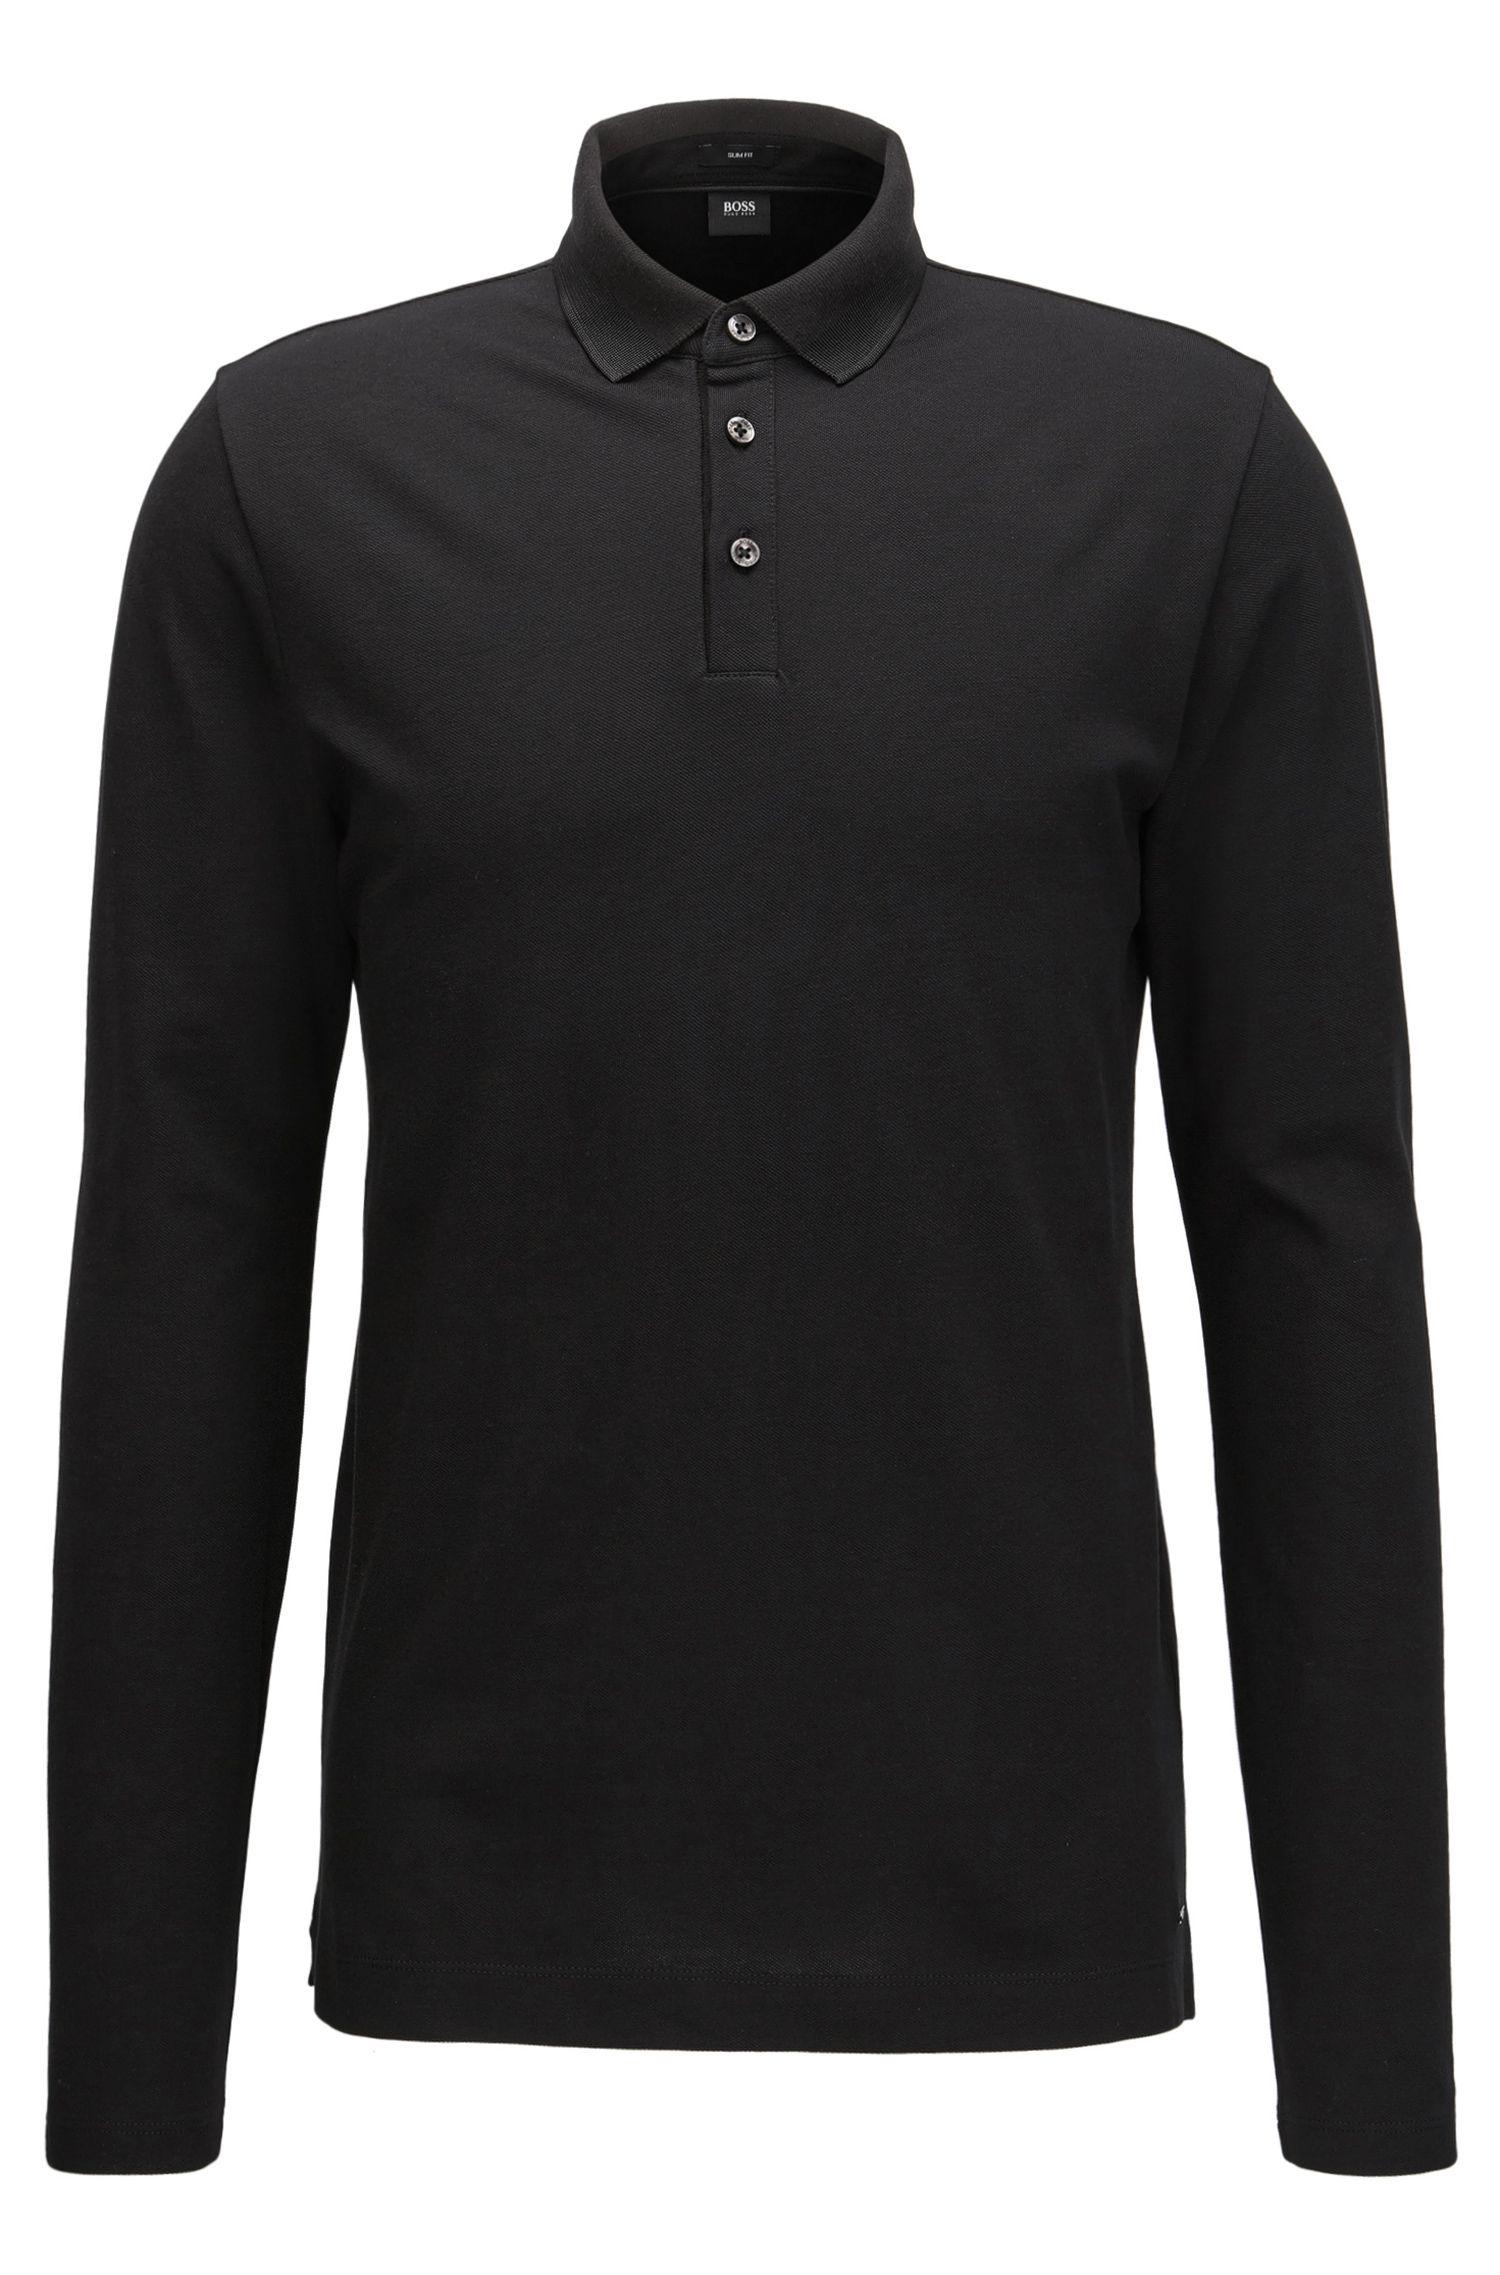 Slim-Fit Longsleeve Poloshirt aus Baumwoll-Piqué mit Einfassungen